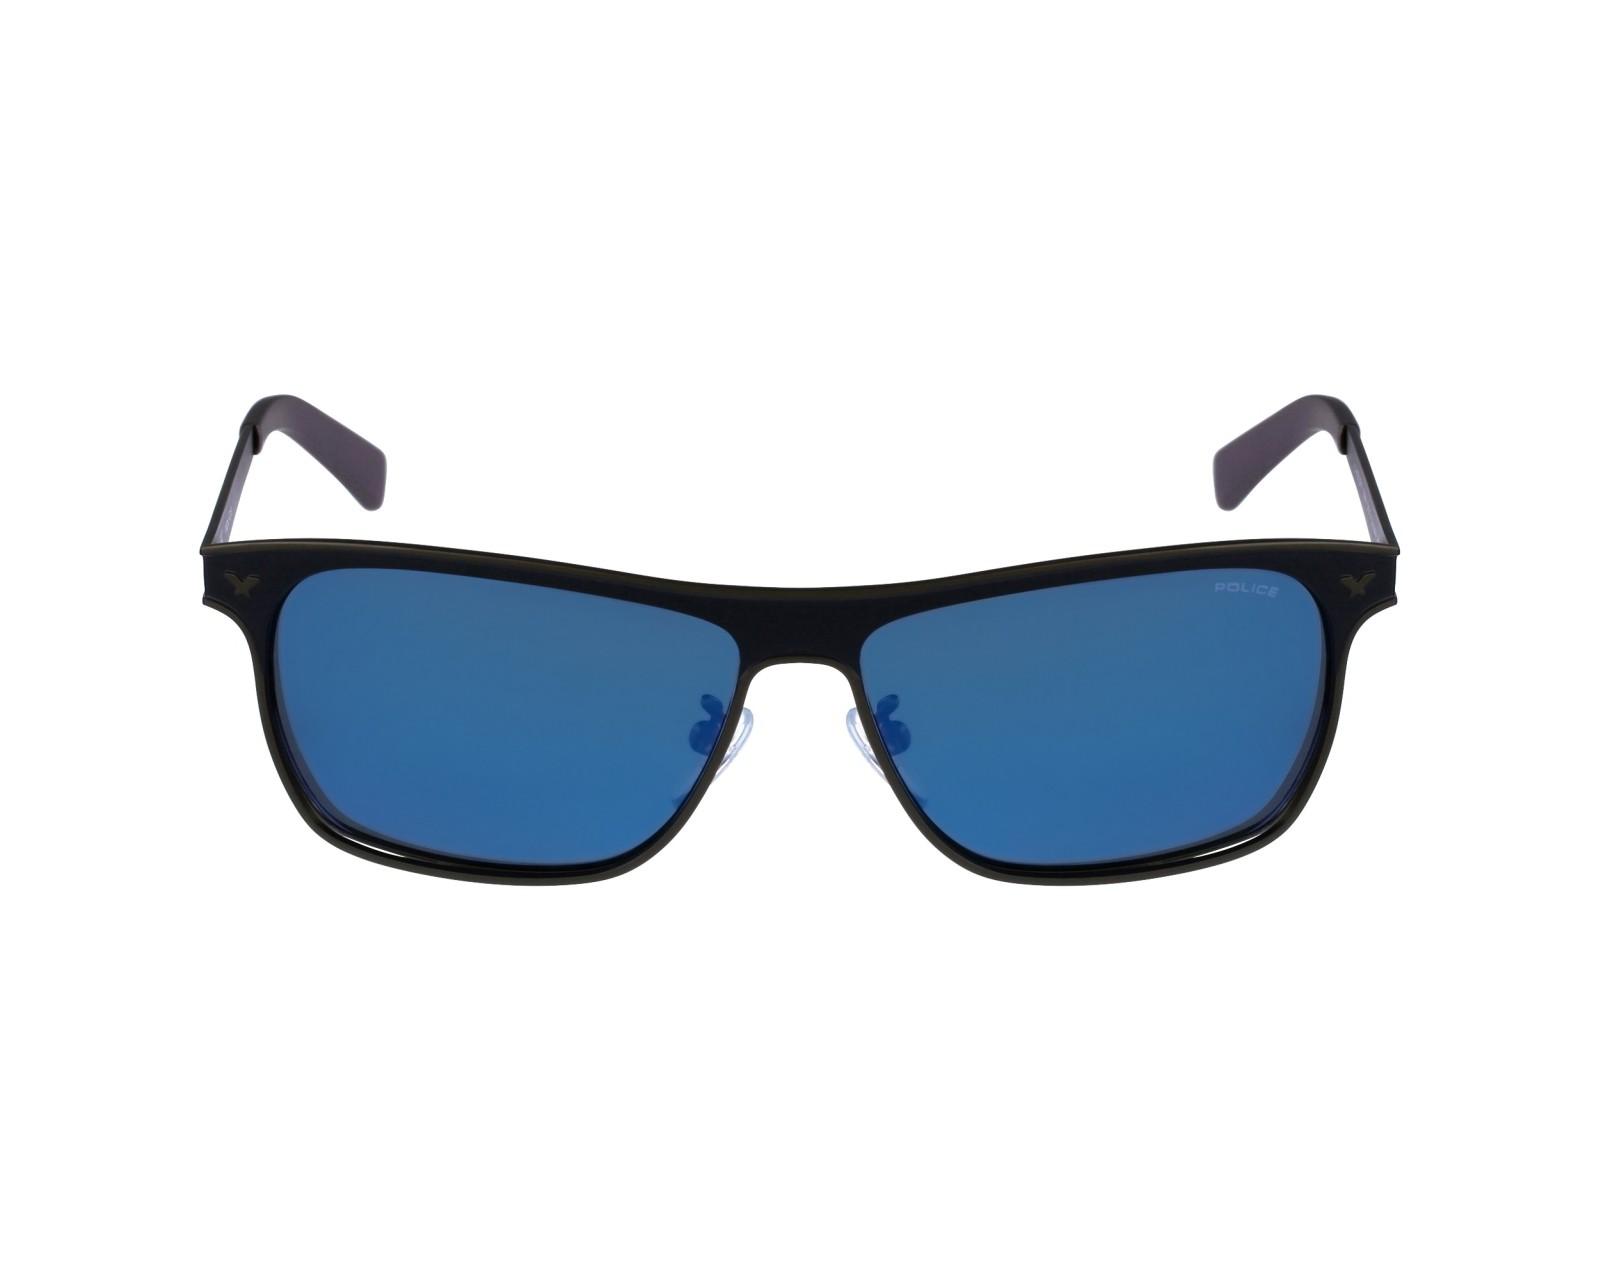 lunettes de soleil police s 8948 snfp bleu avec des verres gris pour hommes. Black Bedroom Furniture Sets. Home Design Ideas